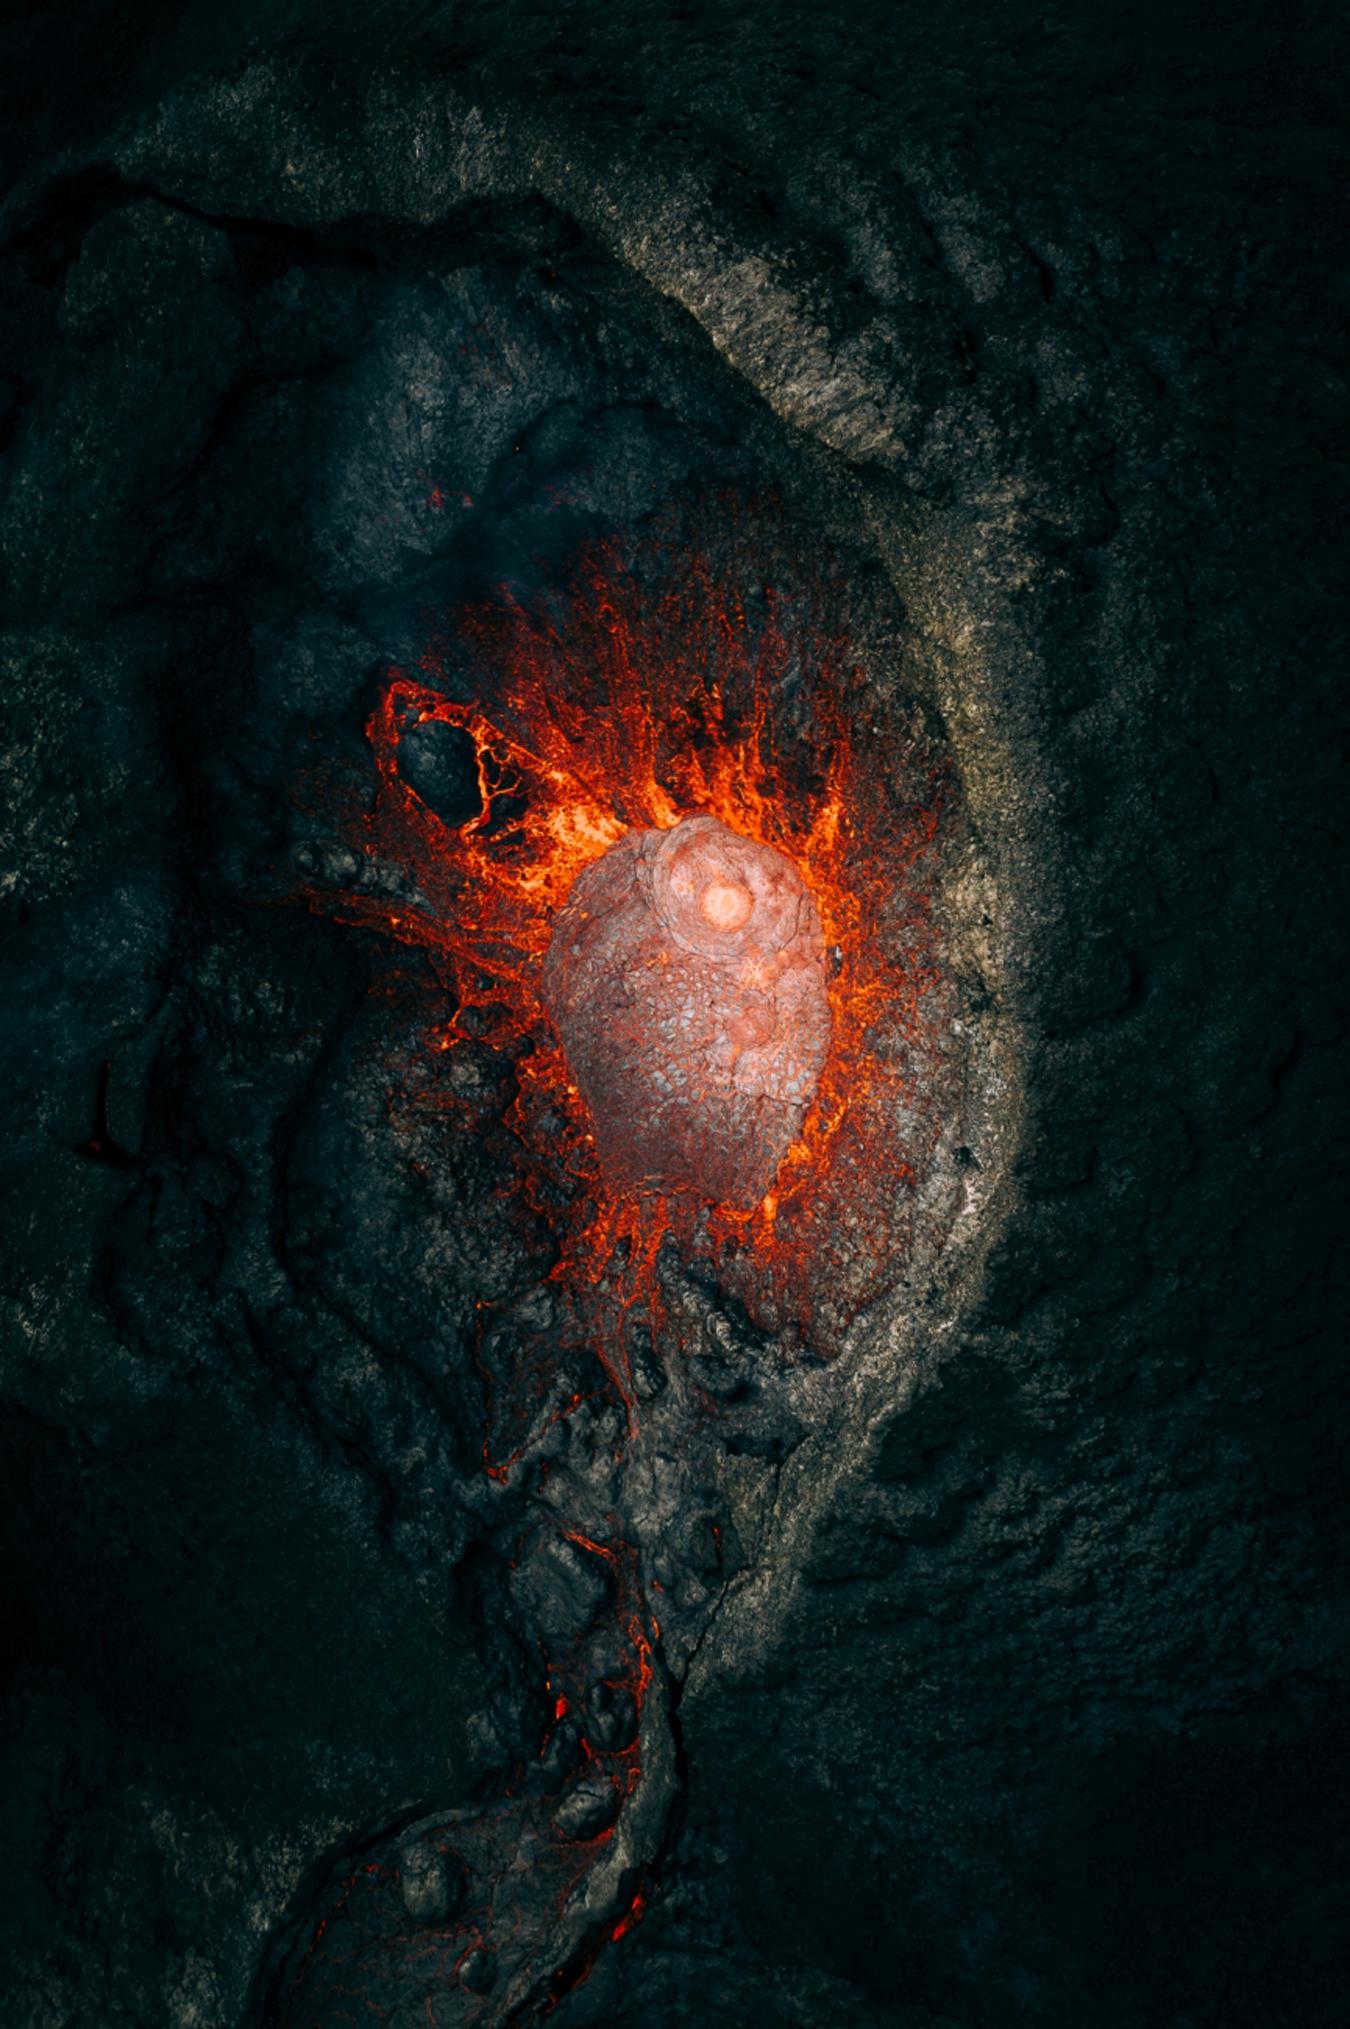 Fotos dron interior volcán